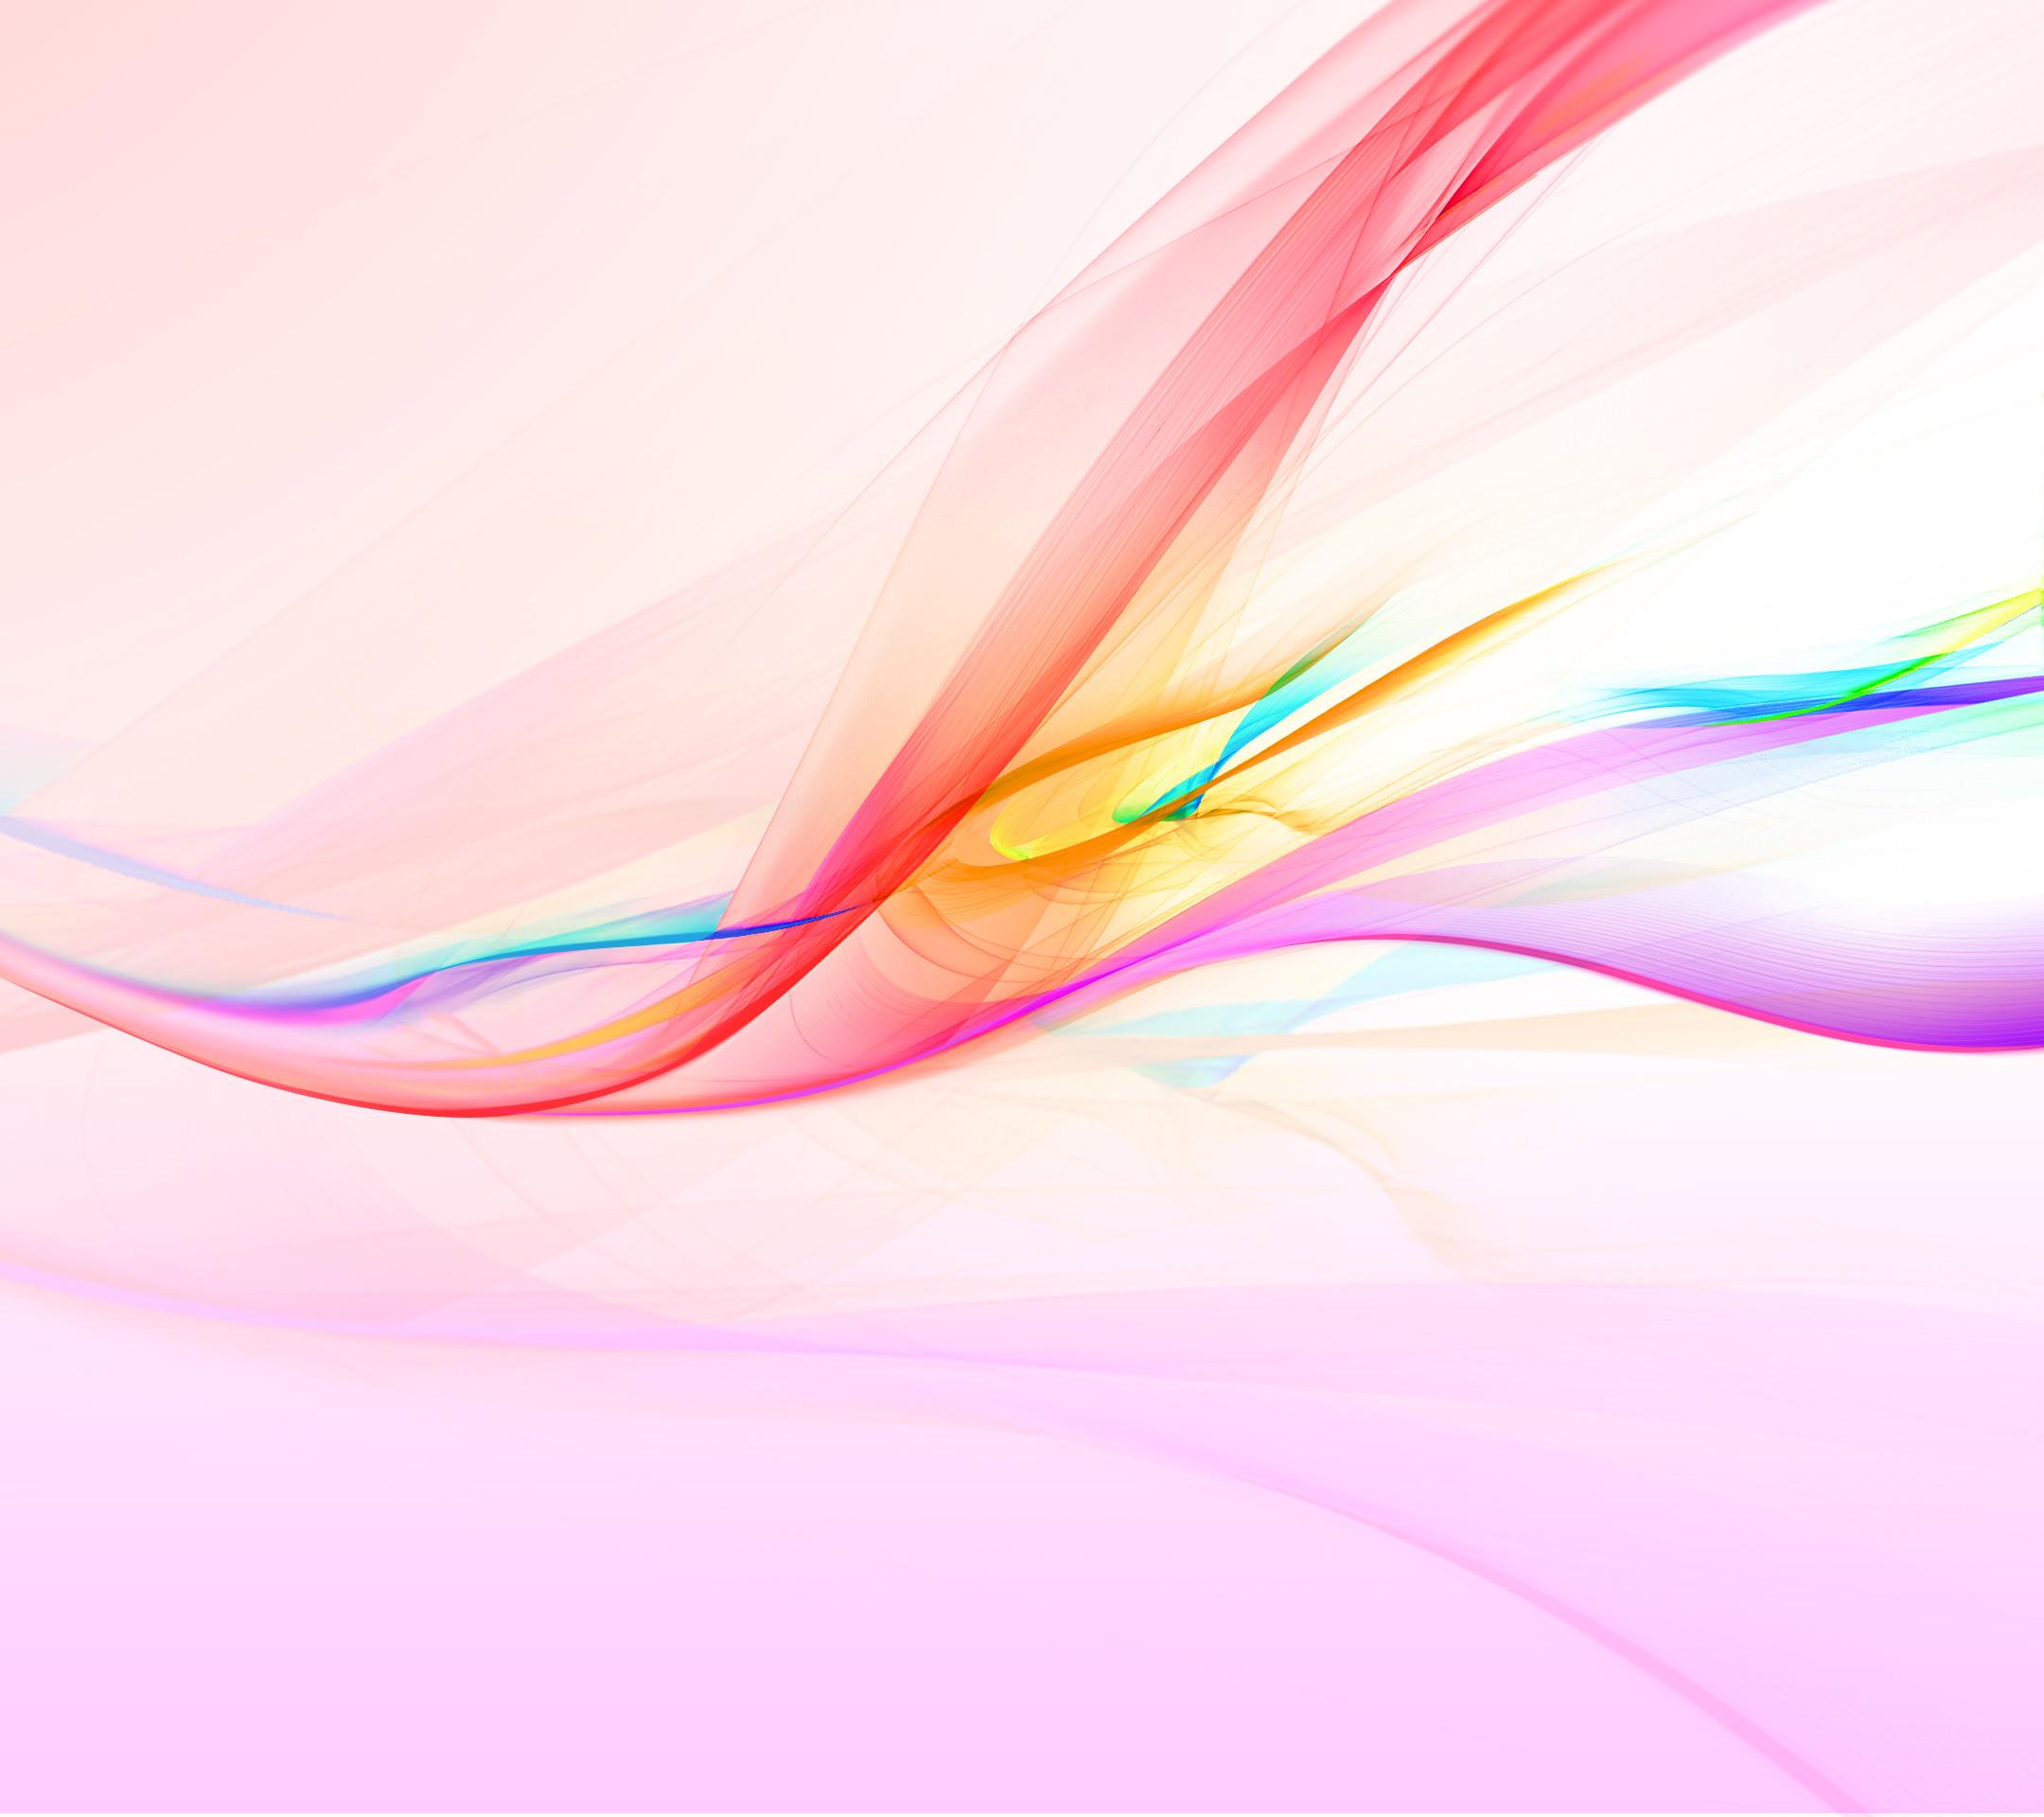 ピンクの綺麗なアブストラクト Android壁紙